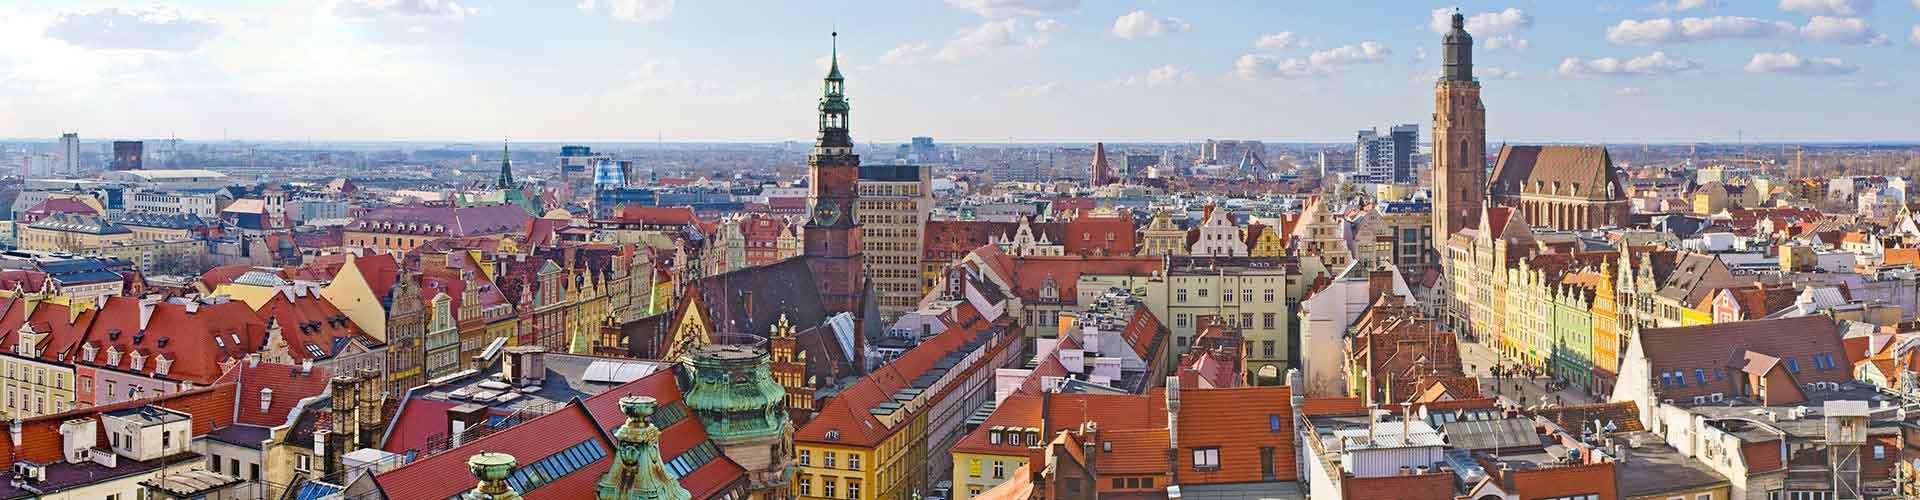 Wroclaw - Campamentos en Wroclaw. Mapas de Wroclaw, Fotos y Comentarios para cada campamento en Wroclaw.